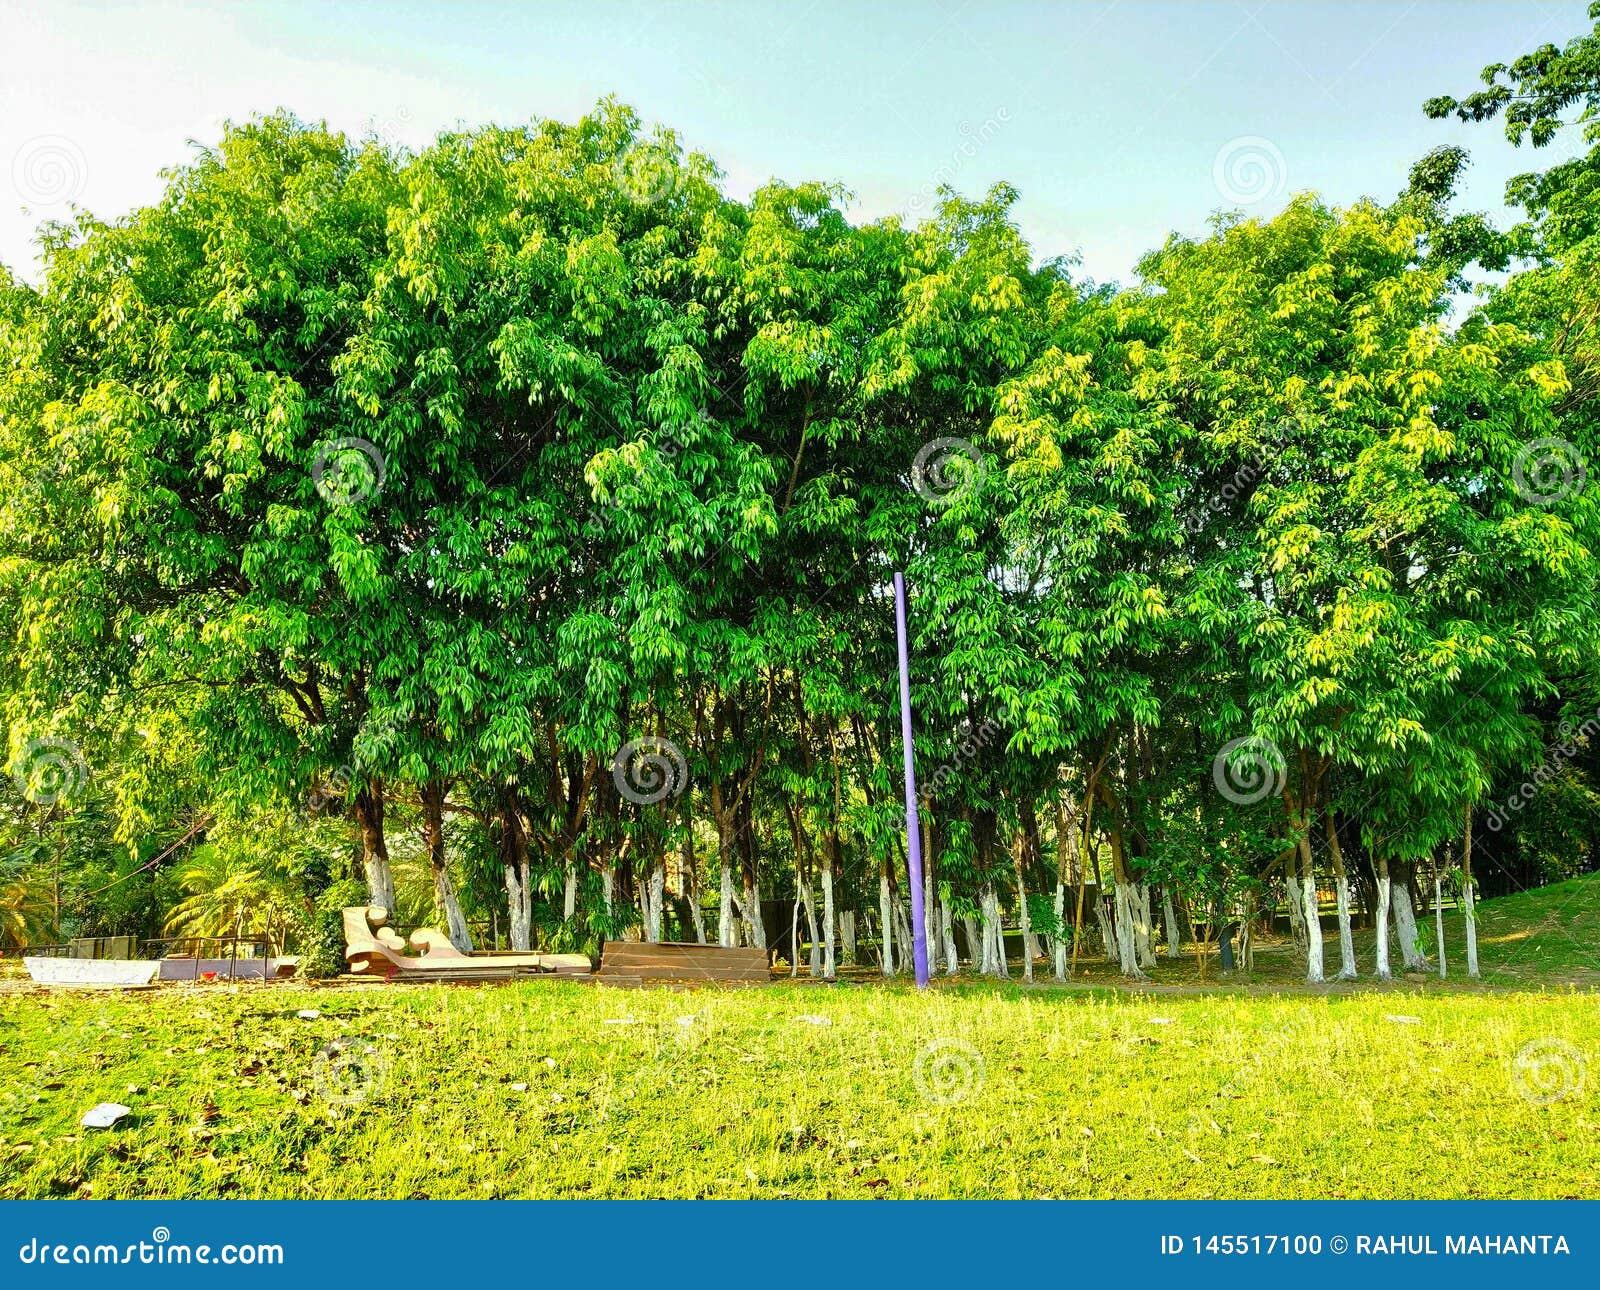 La petite forêt dans le jardin regarde si belle et le fond de ciel vert et bleu était magique si beau vu